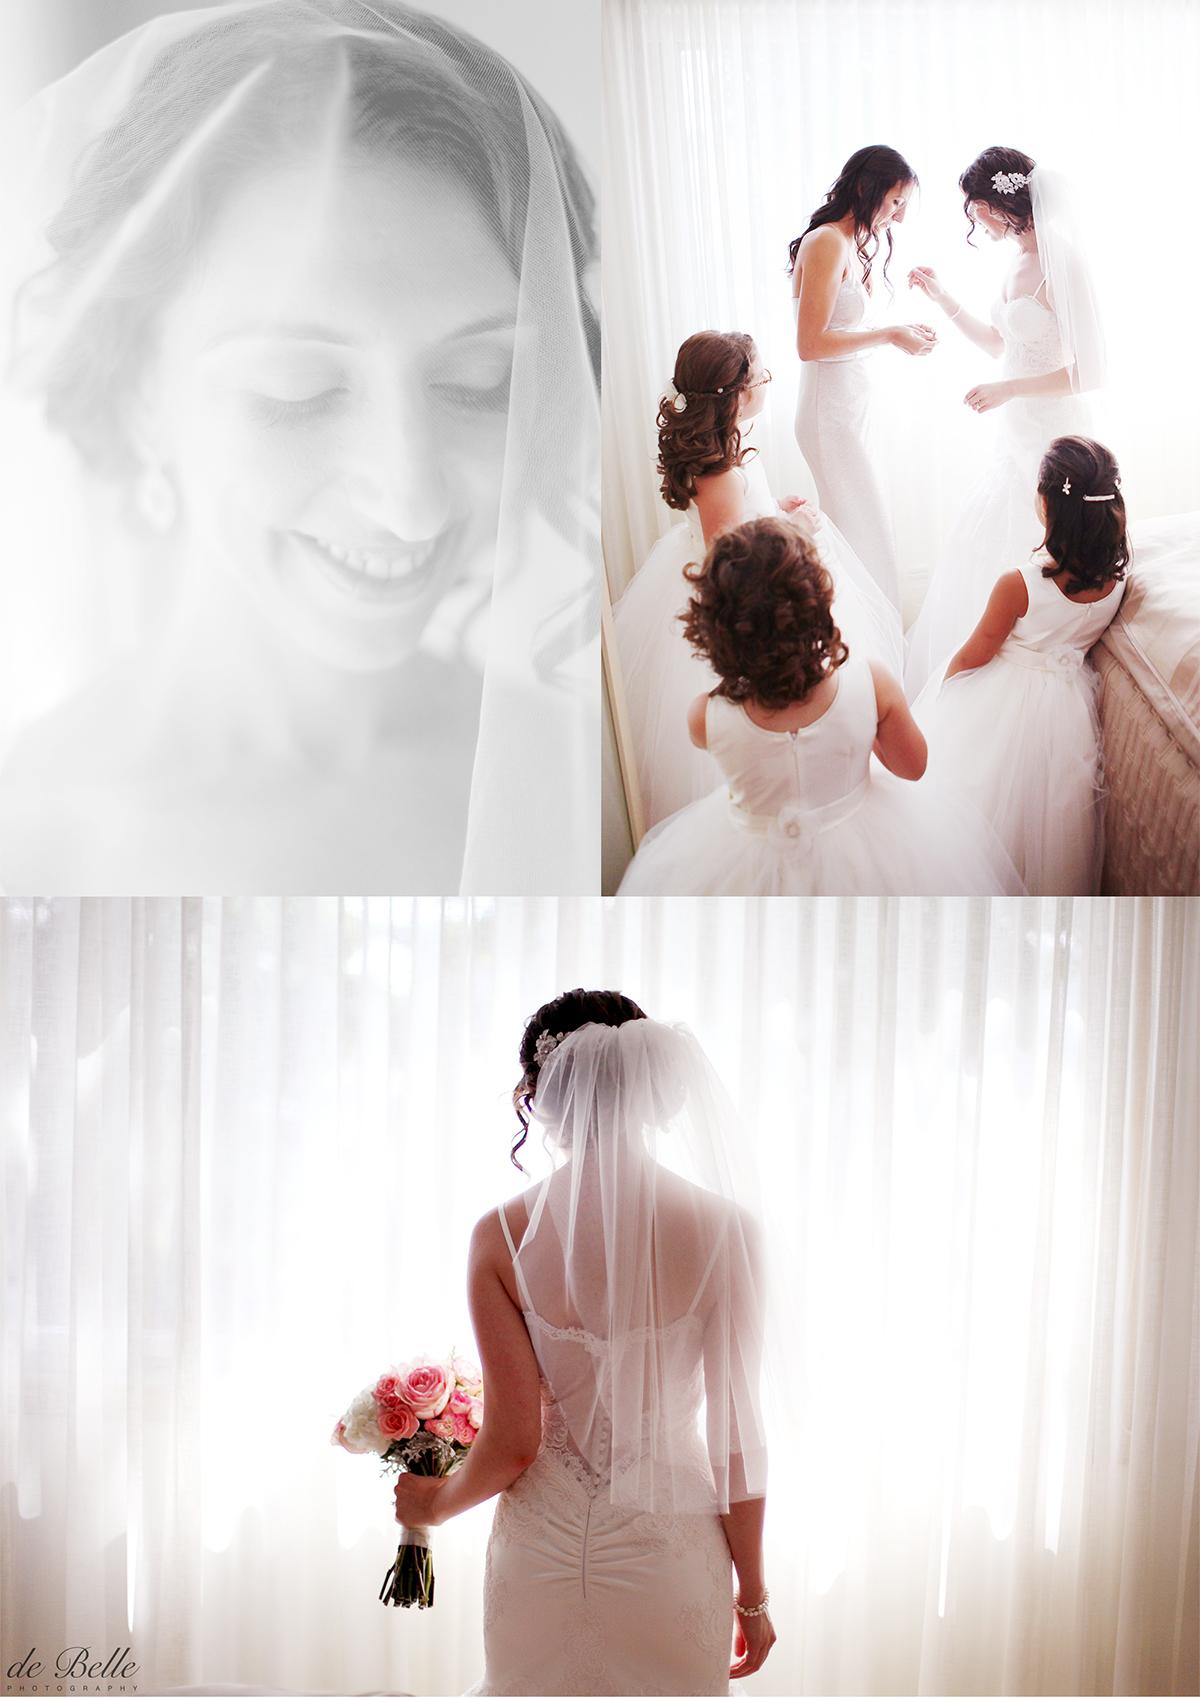 Montreal-Wedding-Photographer-Debelle-SD2